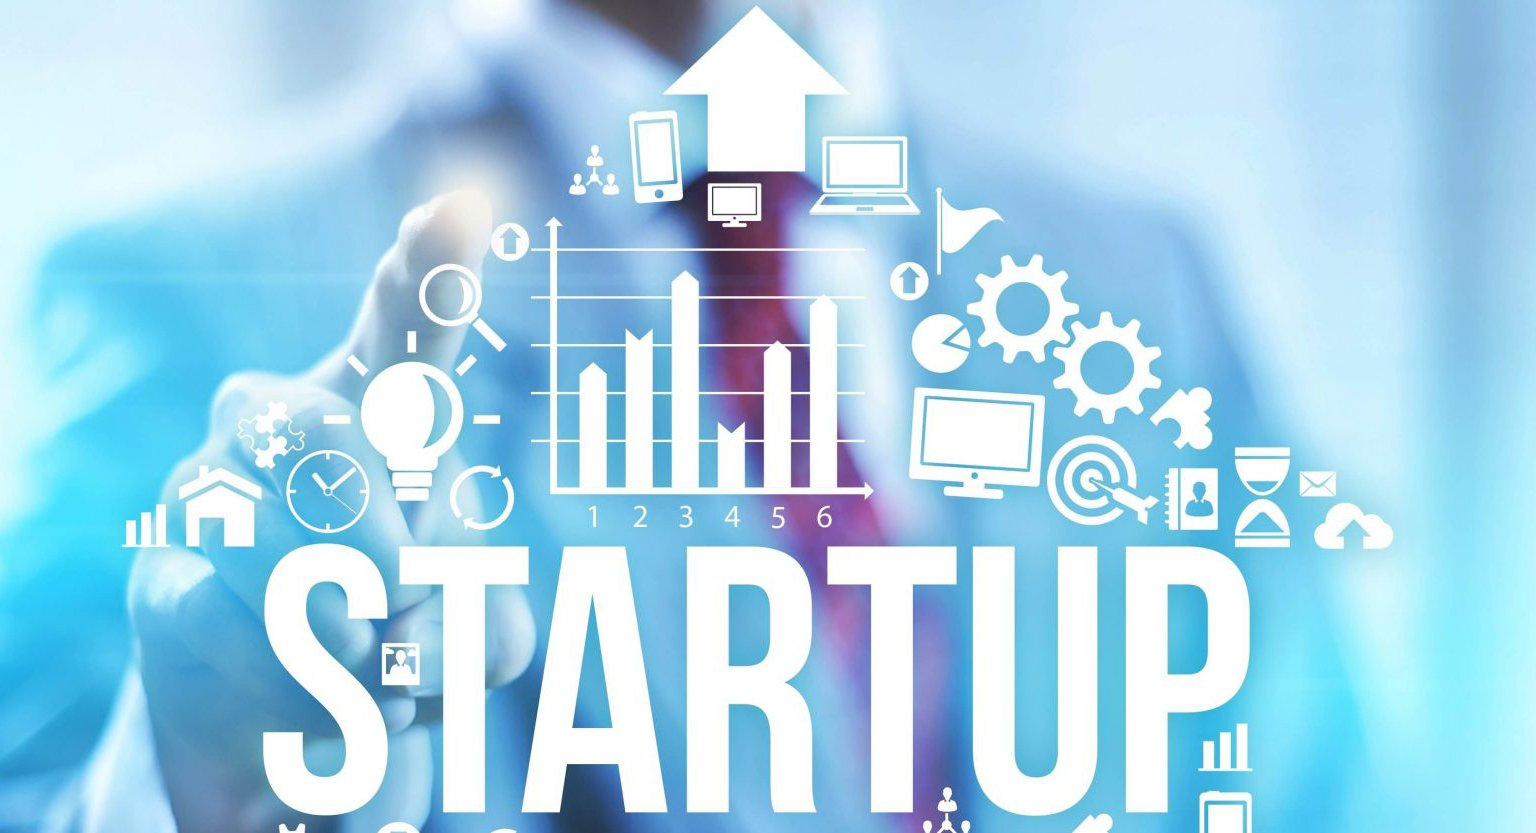 Quanto impattano le startup italiane sull'occupazione? Purtroppo ancora poco